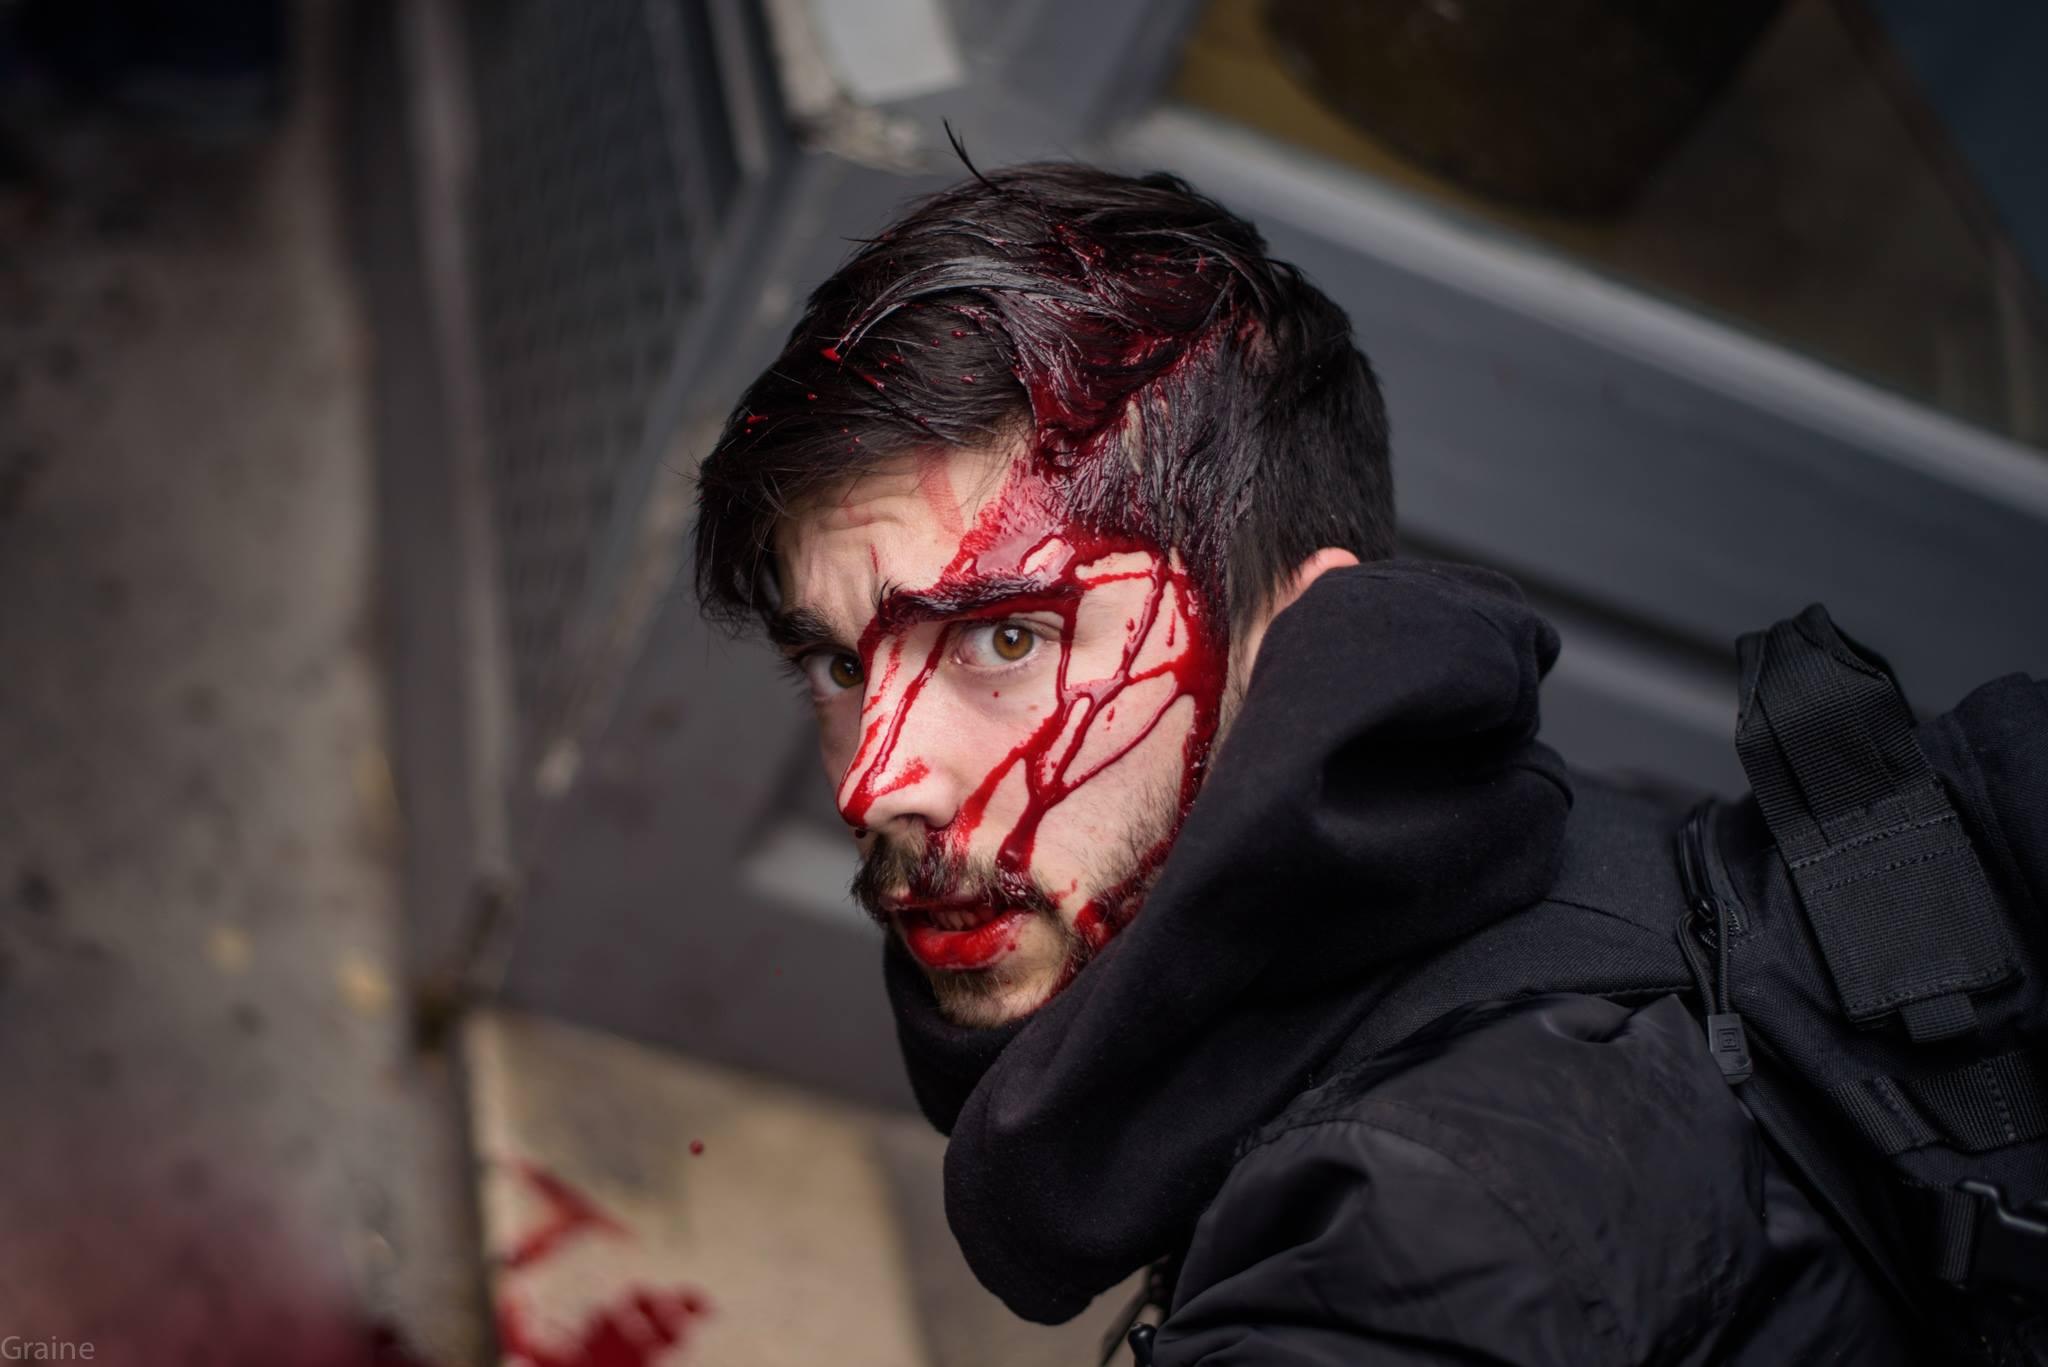 Photographe blessé par la police.